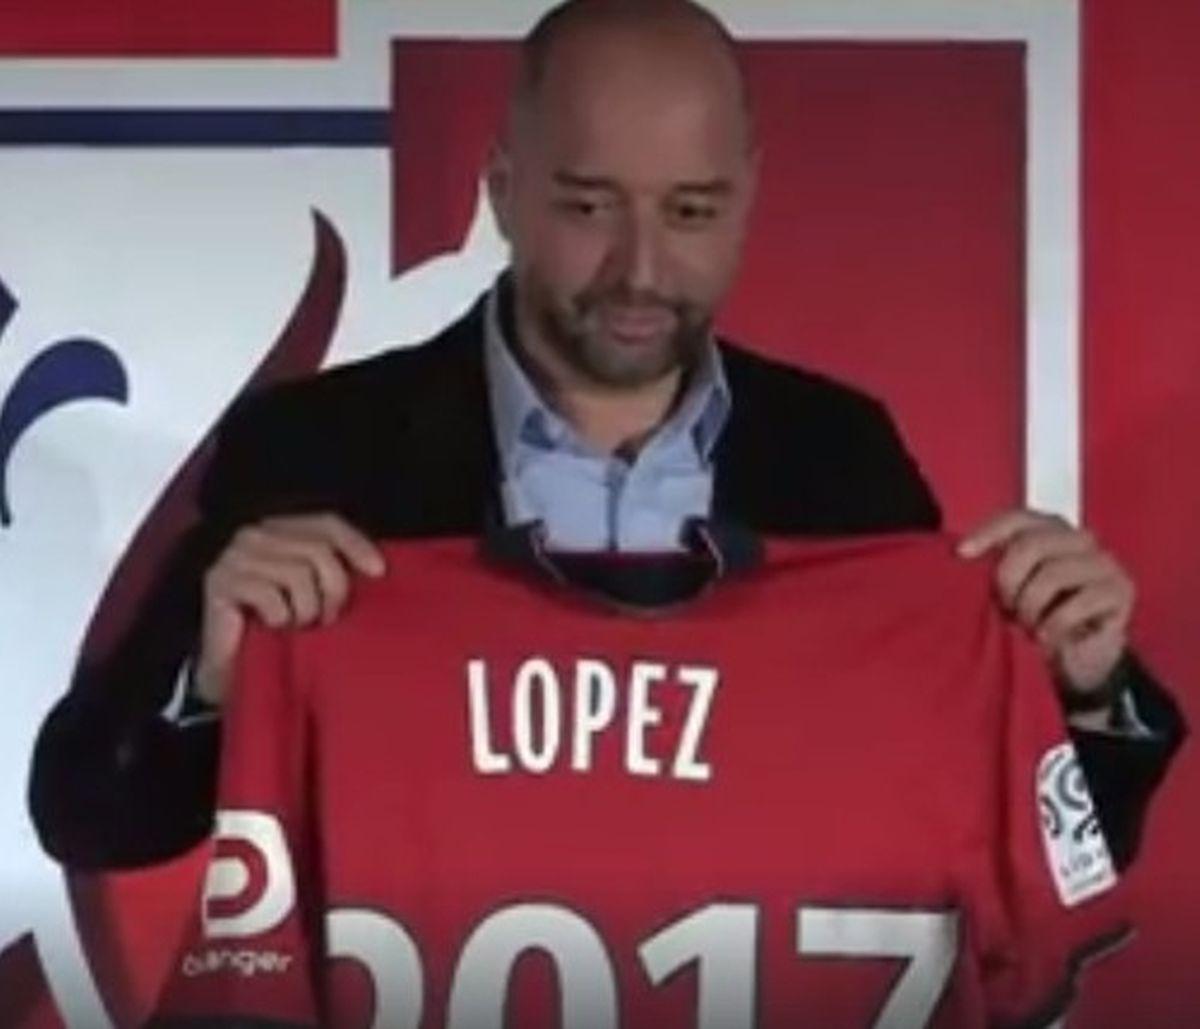 Gerard Lopez et le maillot du Losc floqué à son nom en fin de conférence de presse.